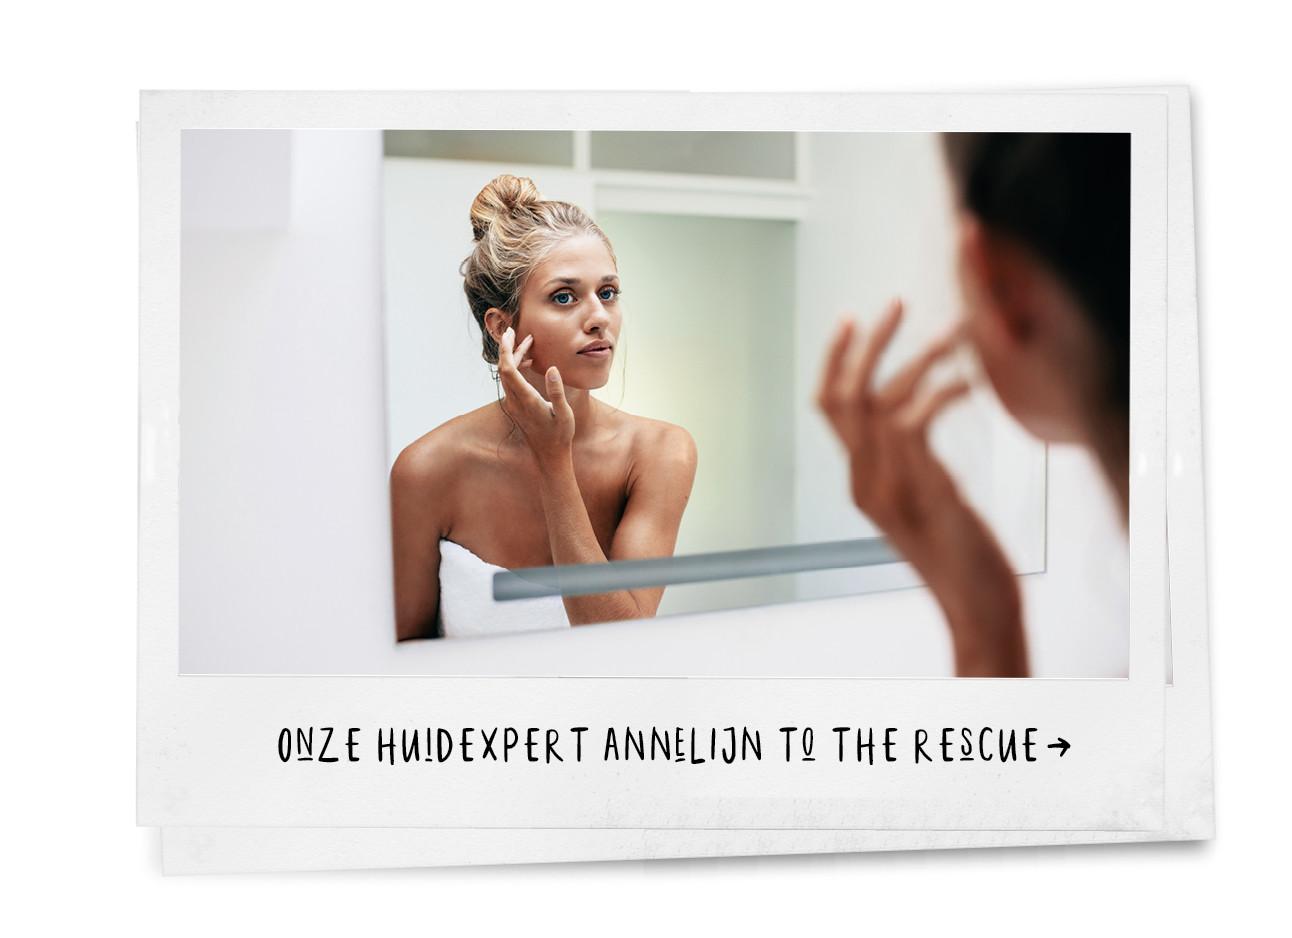 vrouw kijkend in de spiegel en zit aan haar gezicht met een handdoek